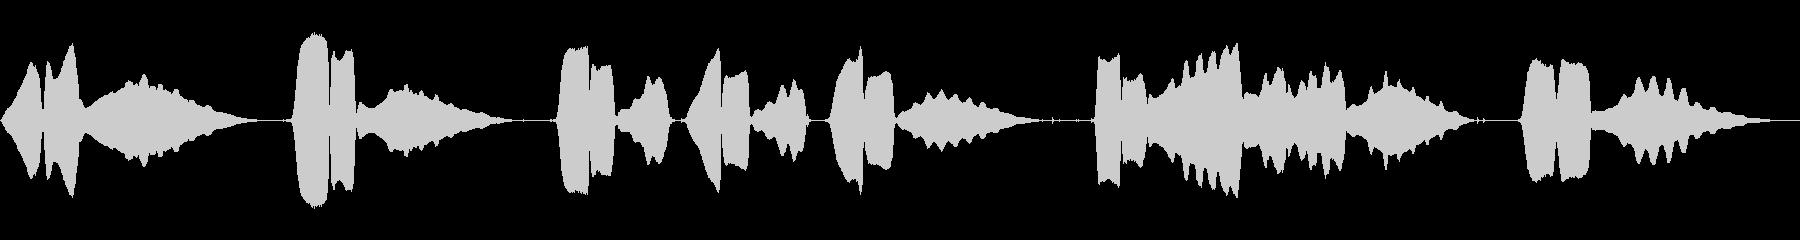 ハーモニカ:最後の投稿、漫画コメデ...の未再生の波形